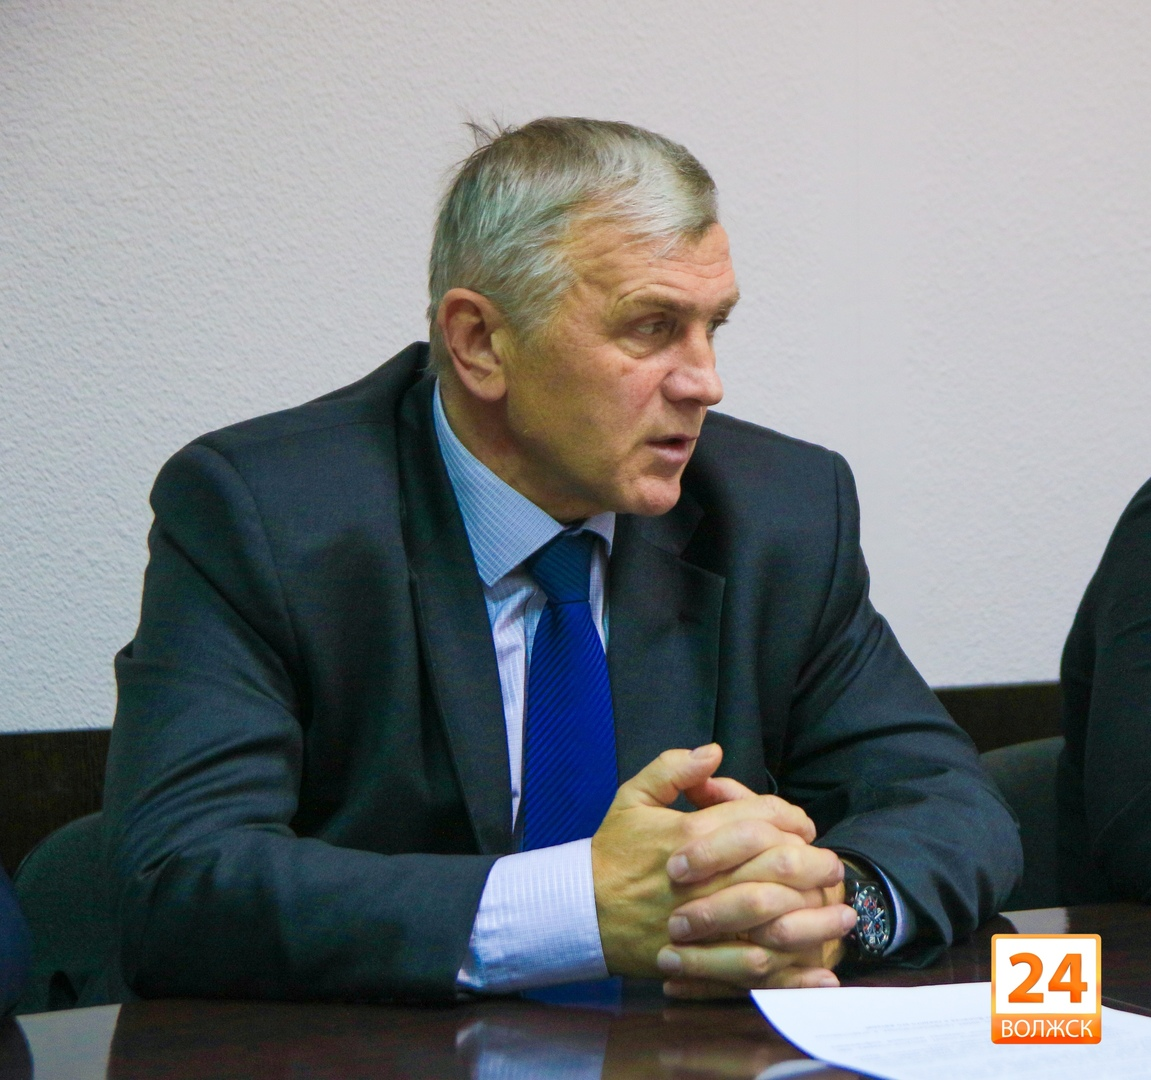 В Волжске появился Общественный совет по стратегическому развитию города